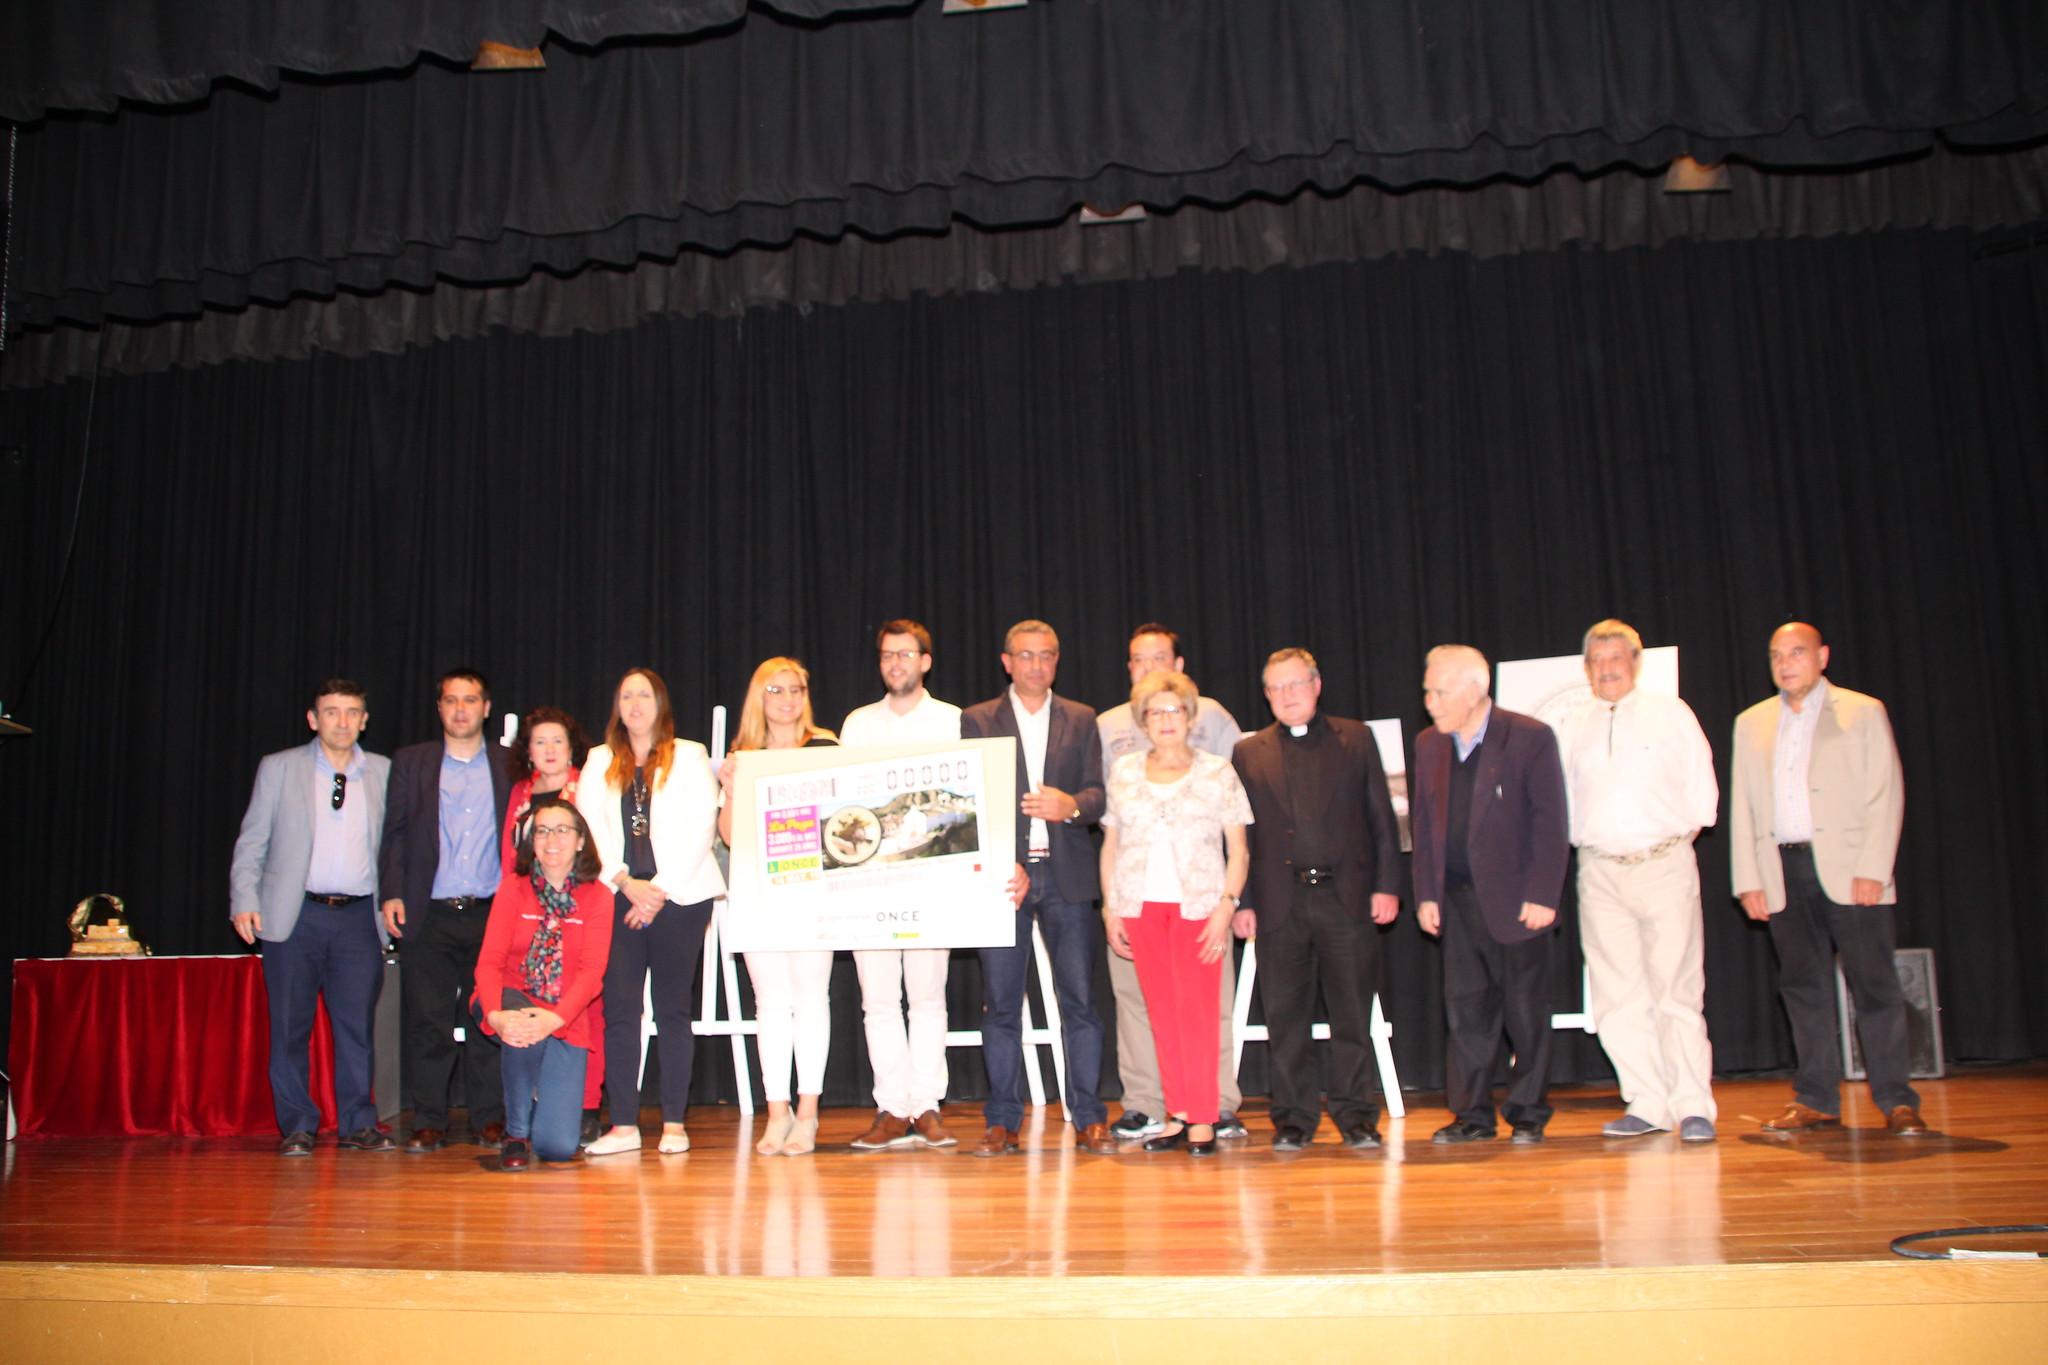 (2019-05-10) - Gala Clausura 75 aniversario - Javier Romero Ripoll (094)